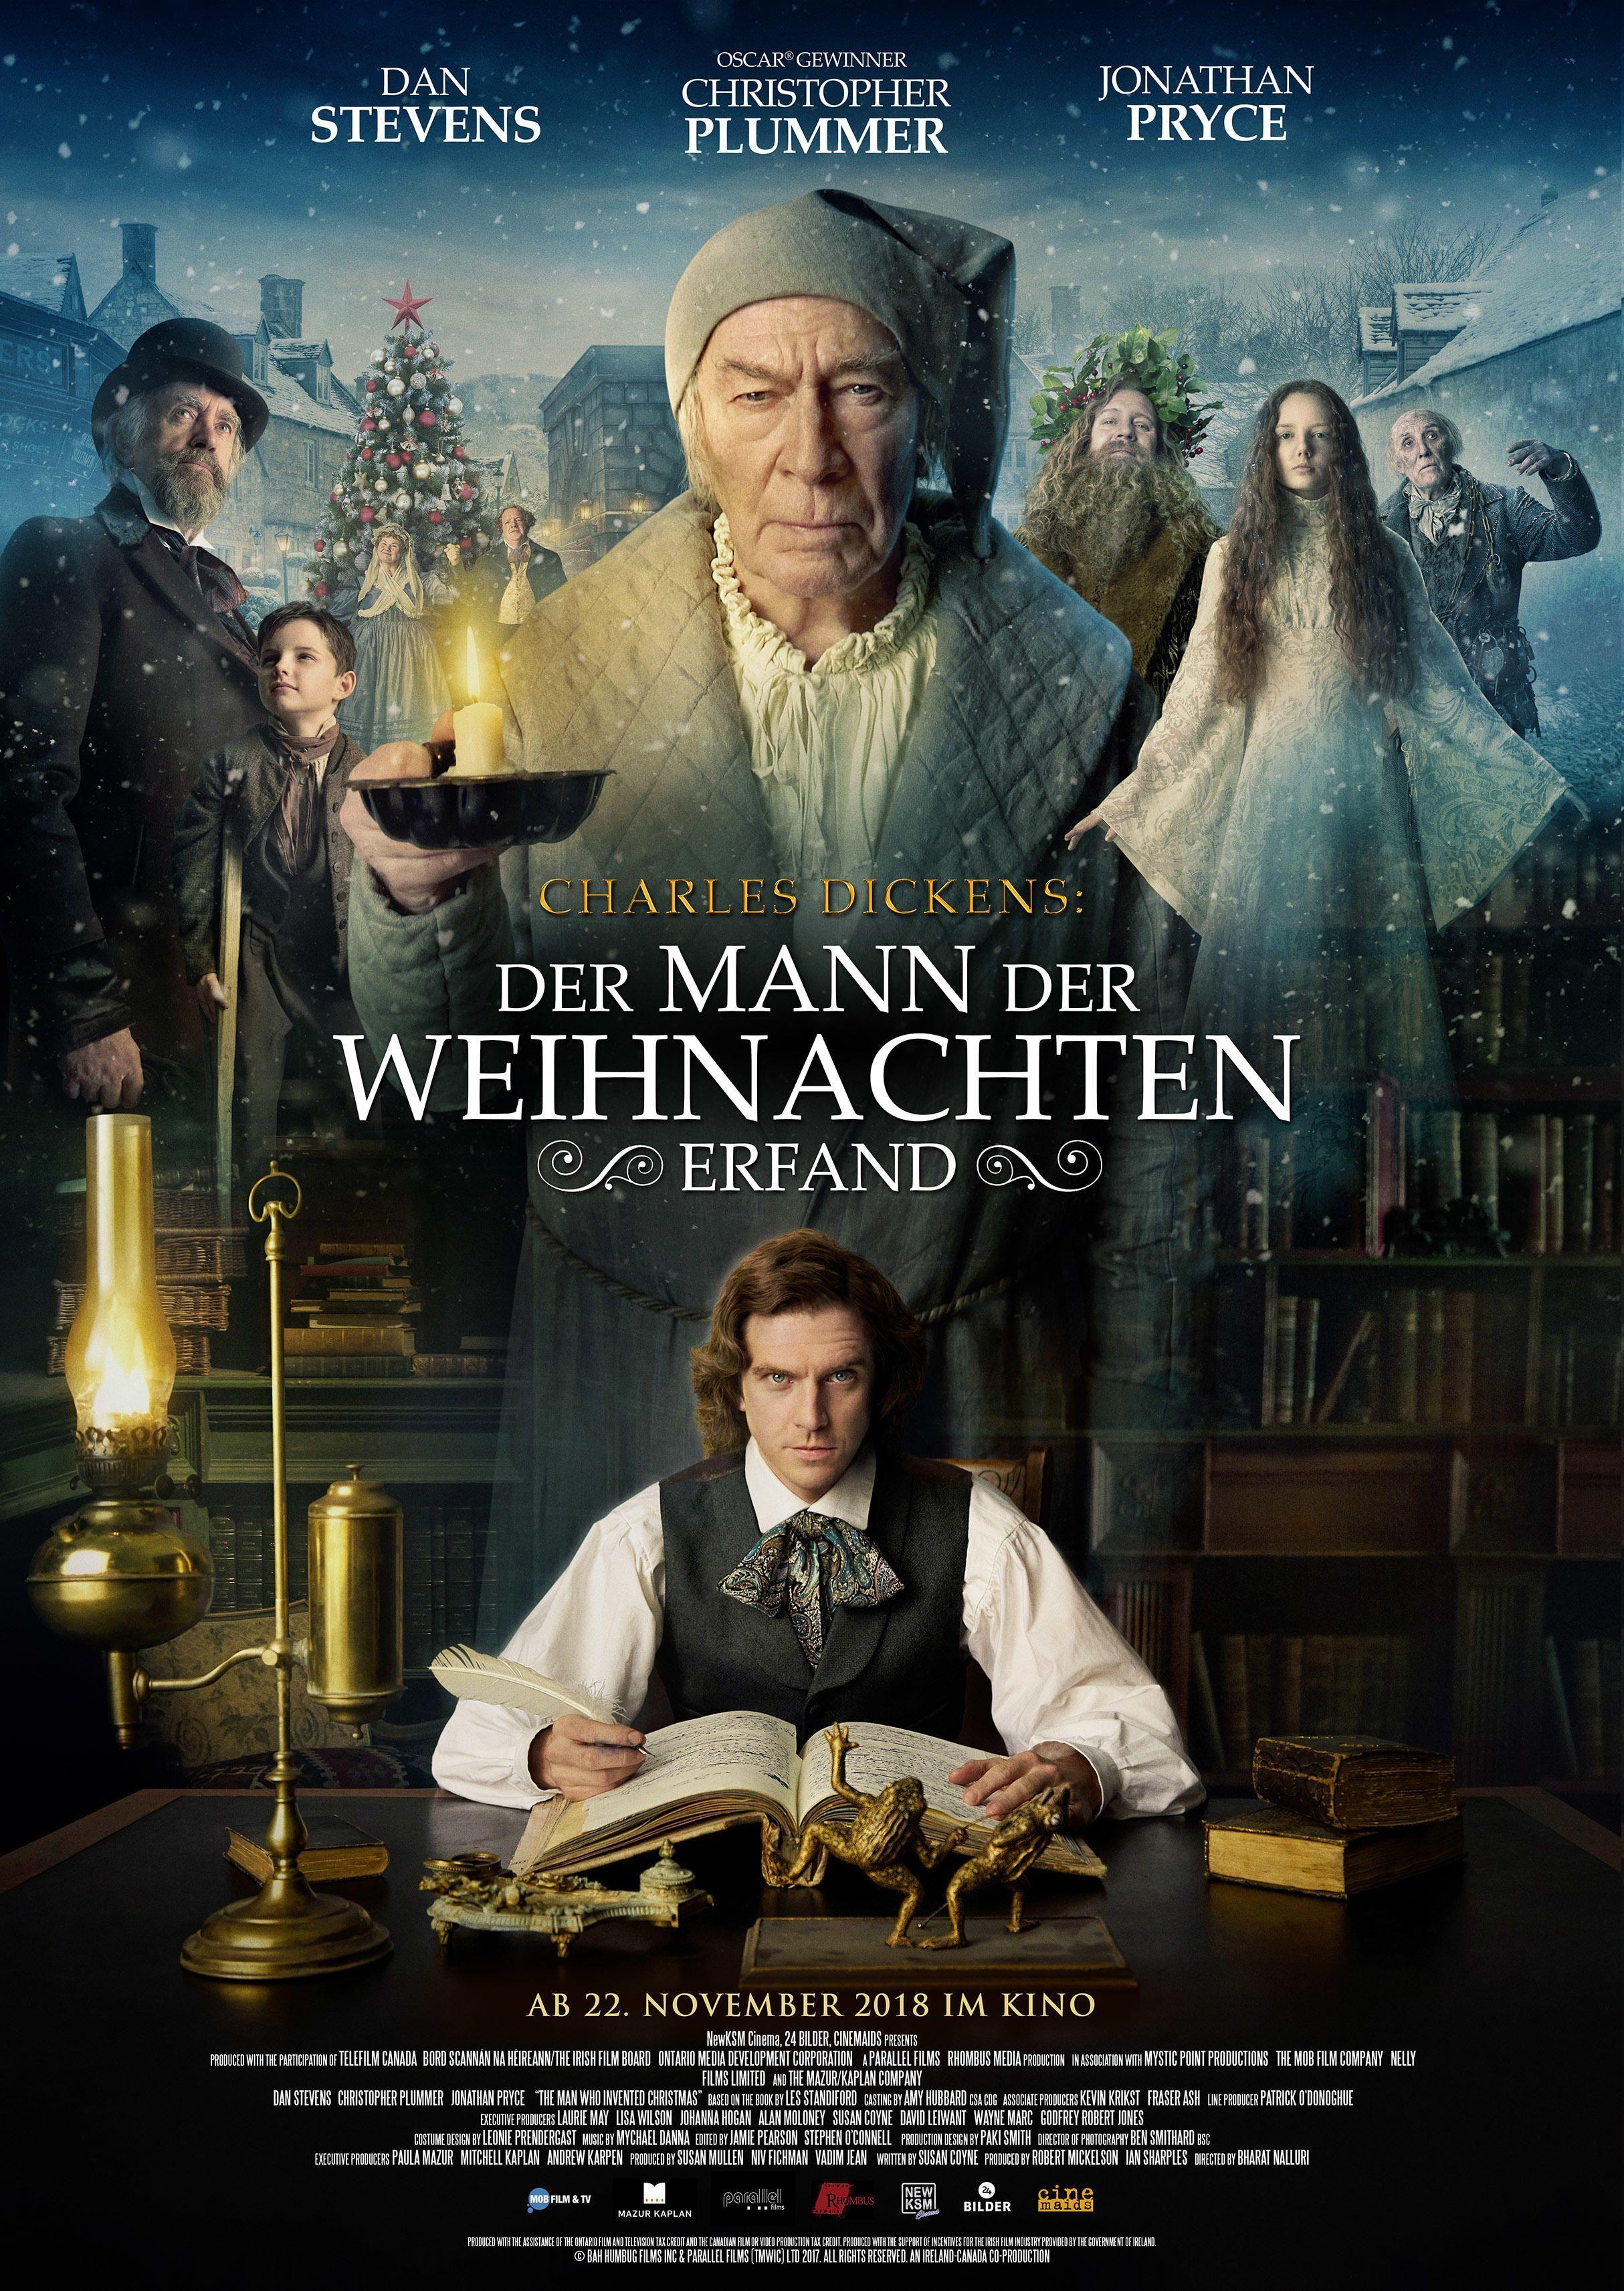 Charles Dickens Der Mann Der Weihnachten Erfand Hat Ein Deutsches Poster Charles Dickens De Best Christmas Movies Streaming Movies Free Christmas Movies